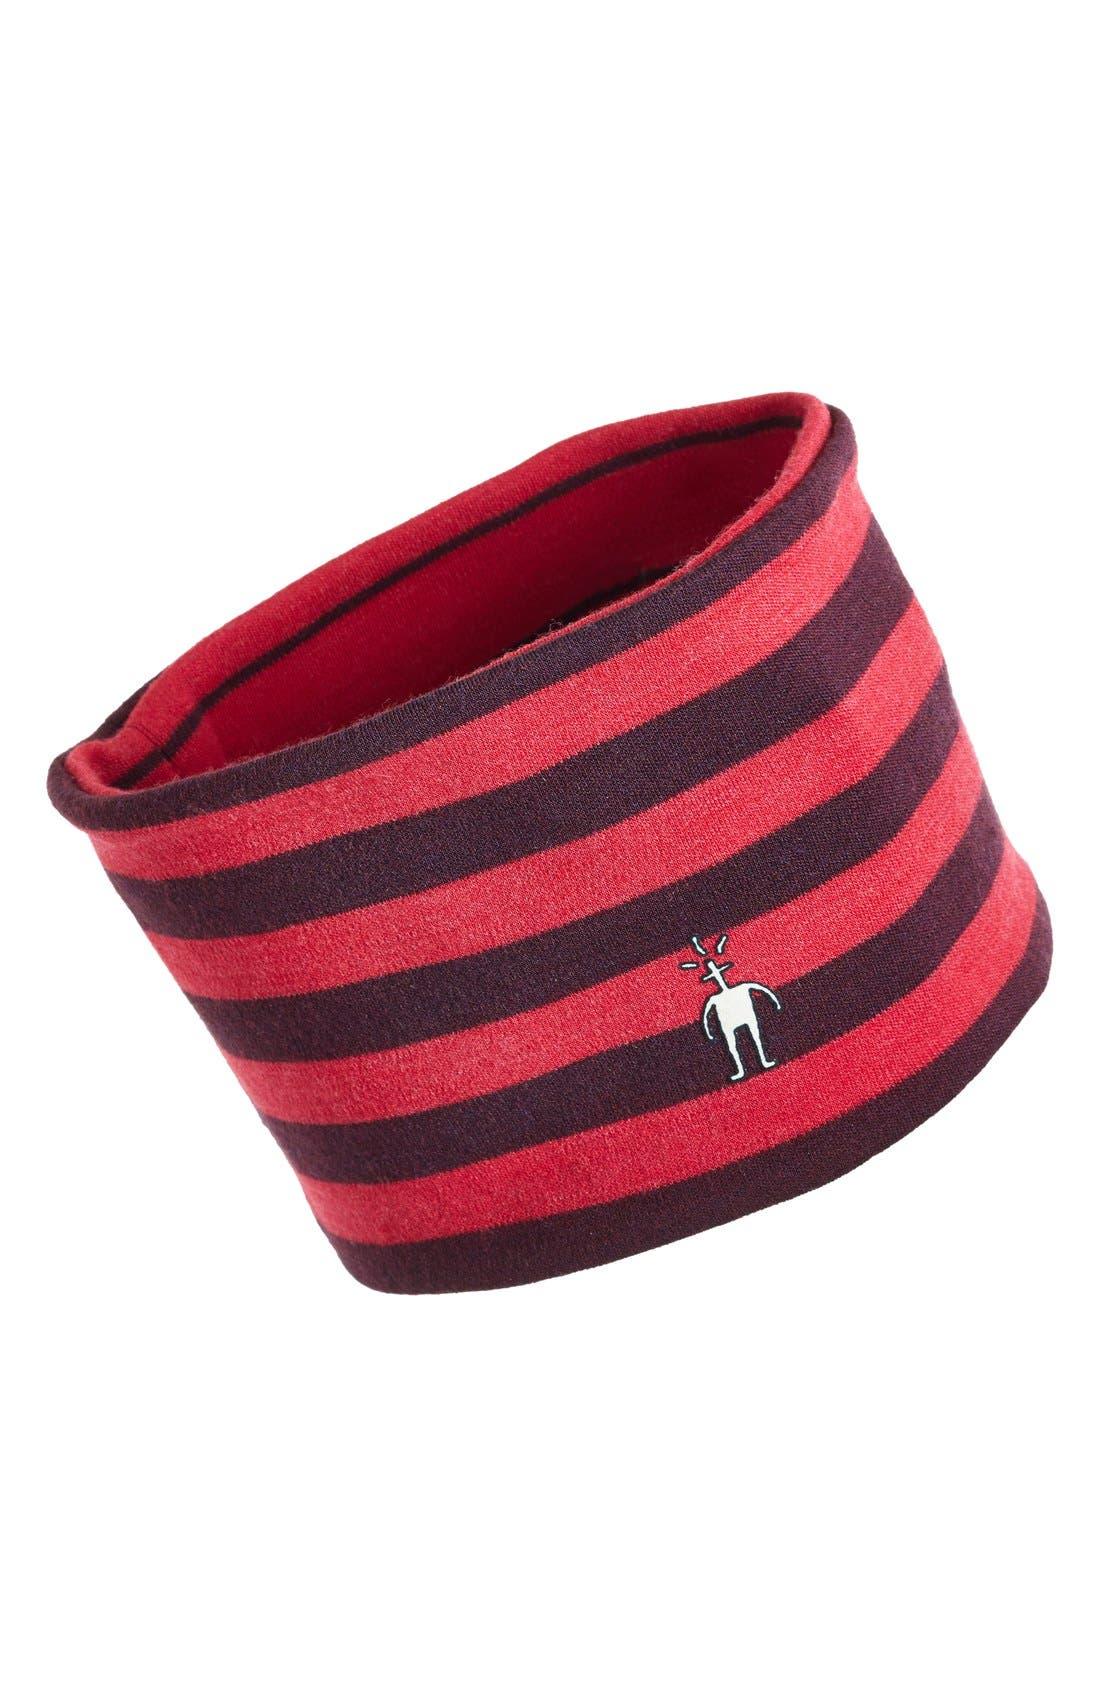 Main Image - Smartwool Pattern Headband